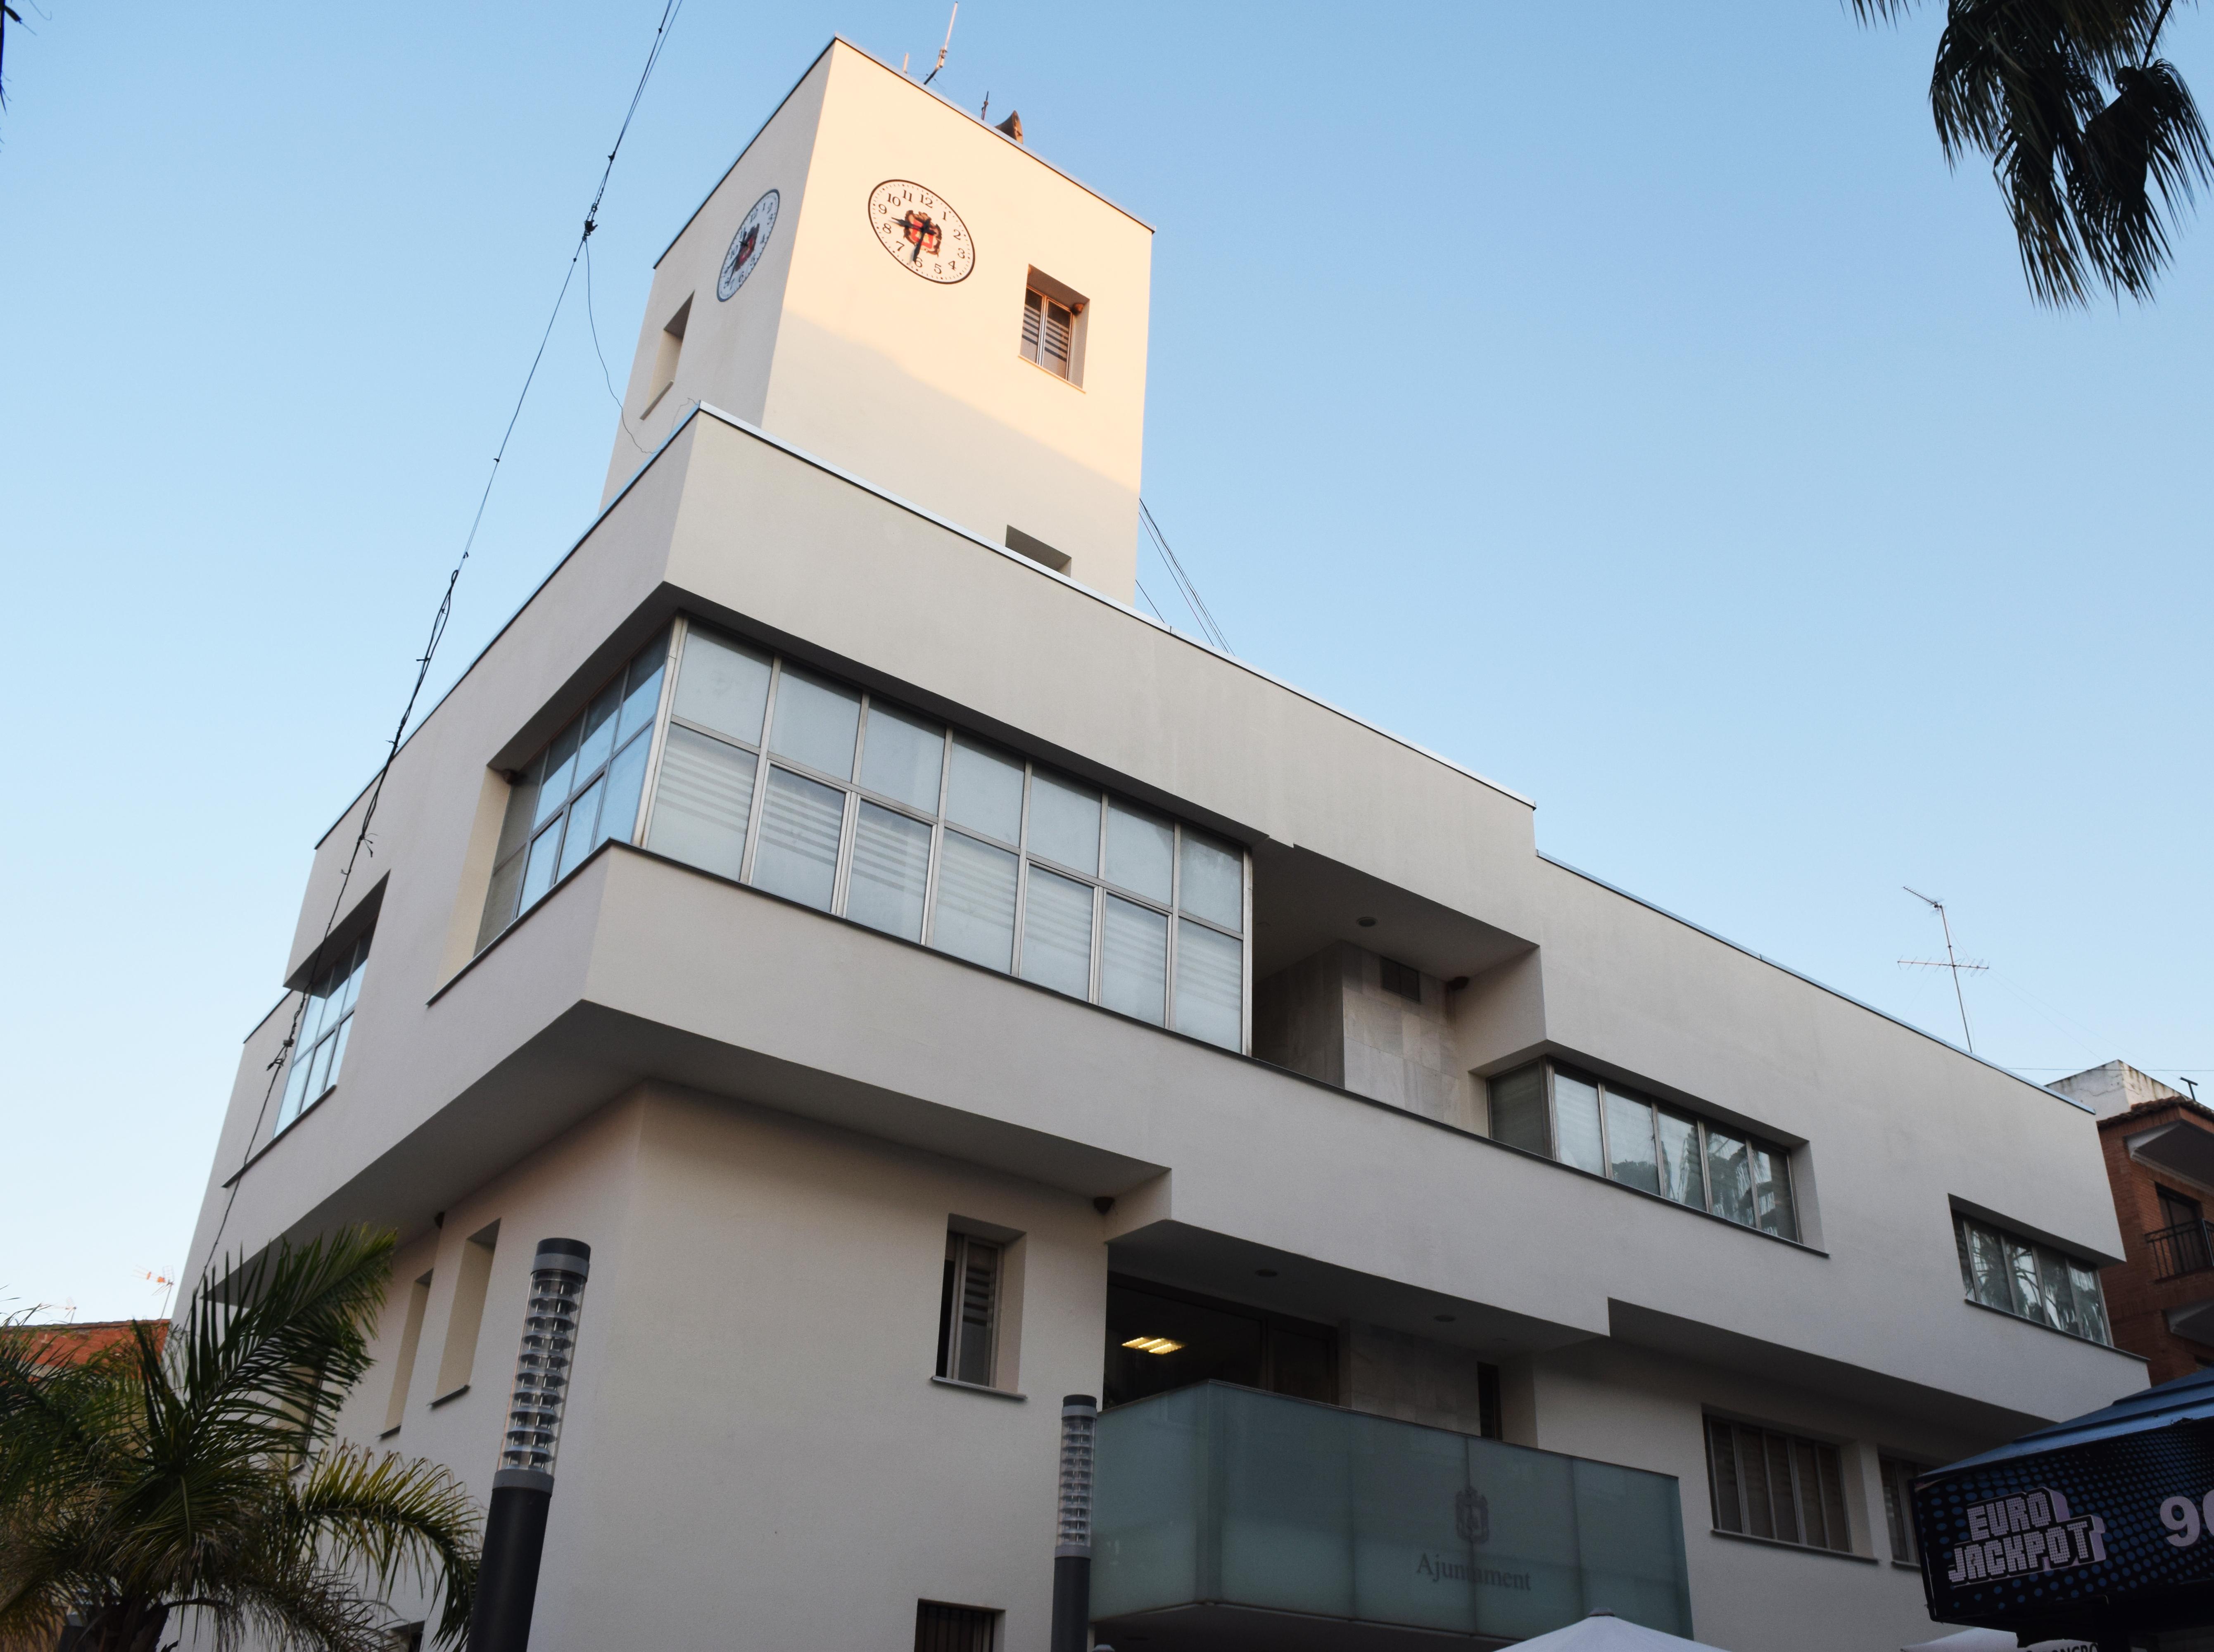 Ajuntament de Vilamarxant.